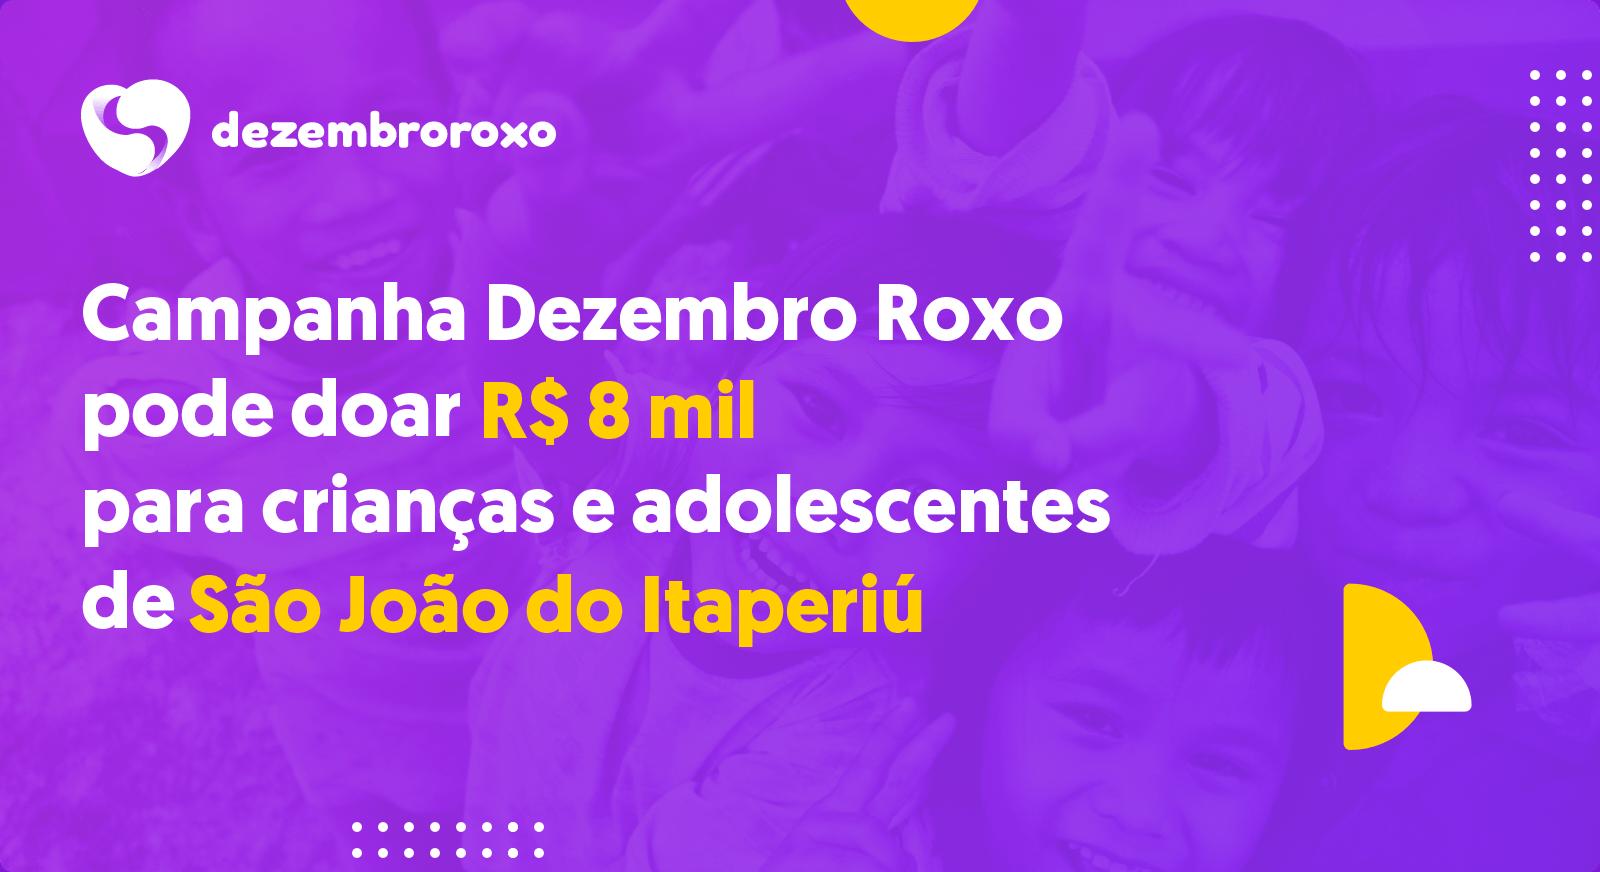 Doações em São João do Itaperiú - SC